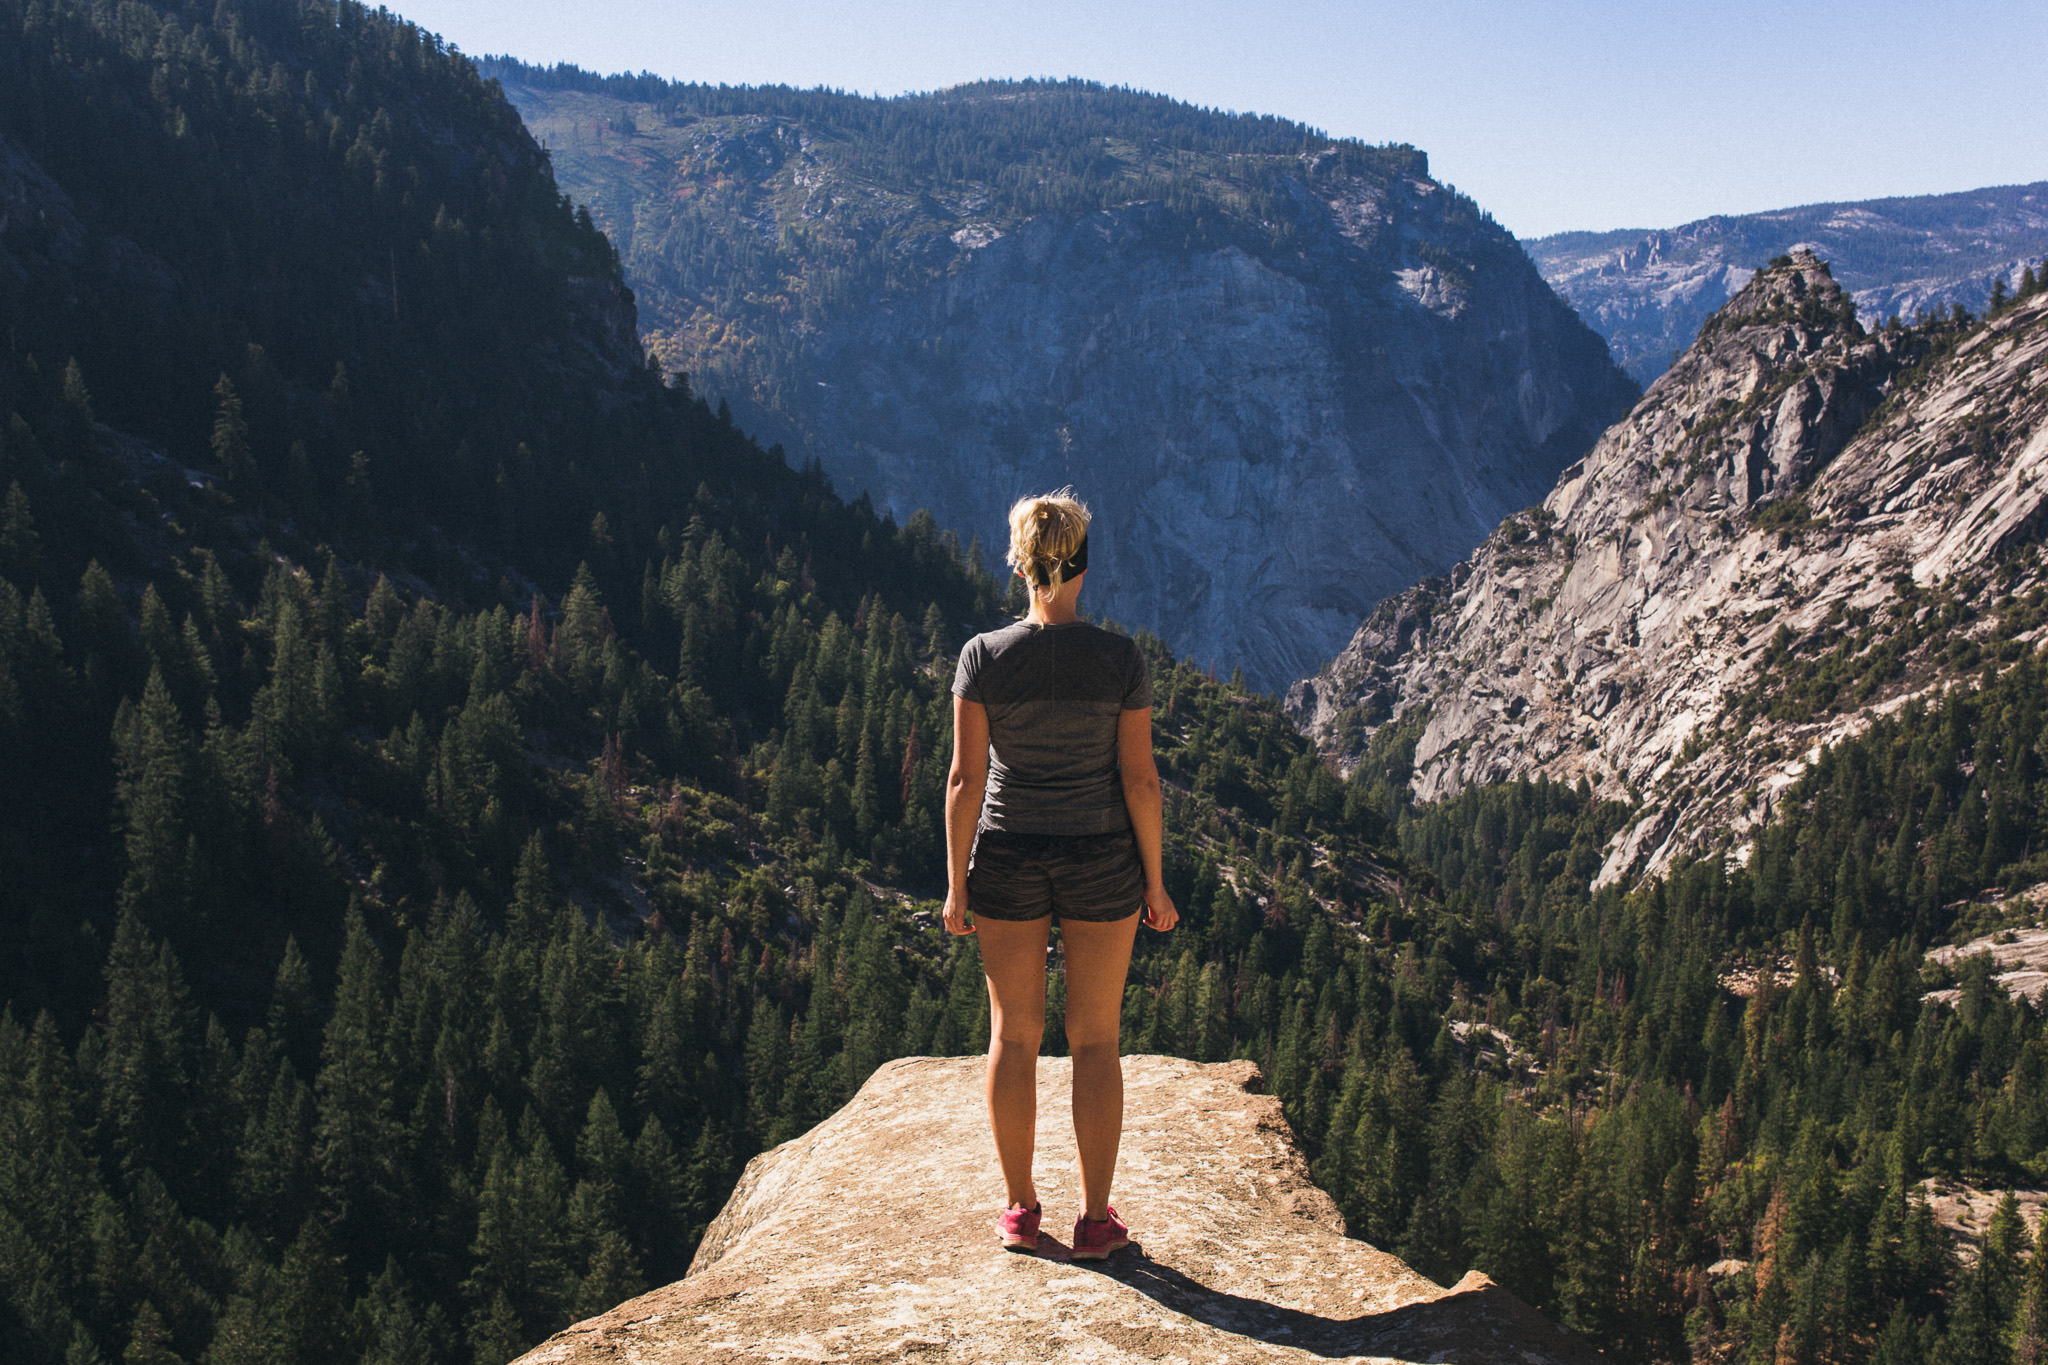 Girl-standing-dangerously-on-cliff-edge